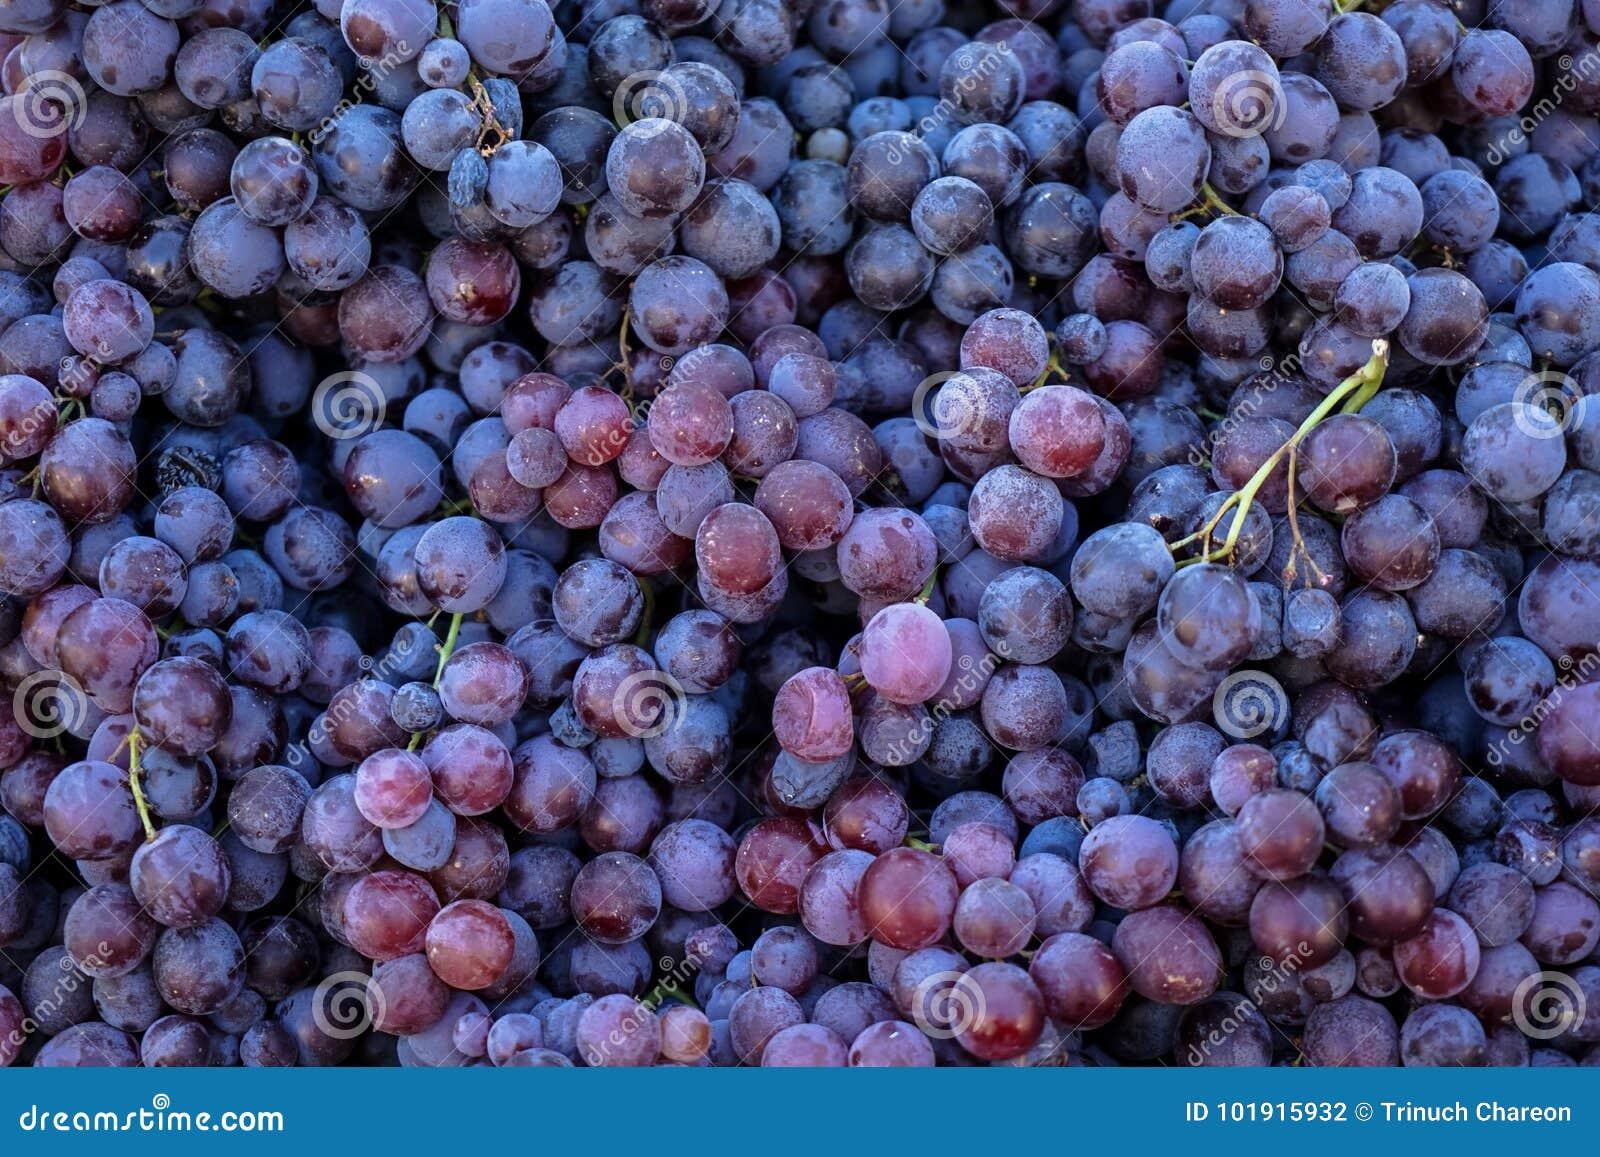 Pilas de fondo sin semillas jugoso fresco delicioso de las uvas rojas en mercado de la fruta de la ciudad